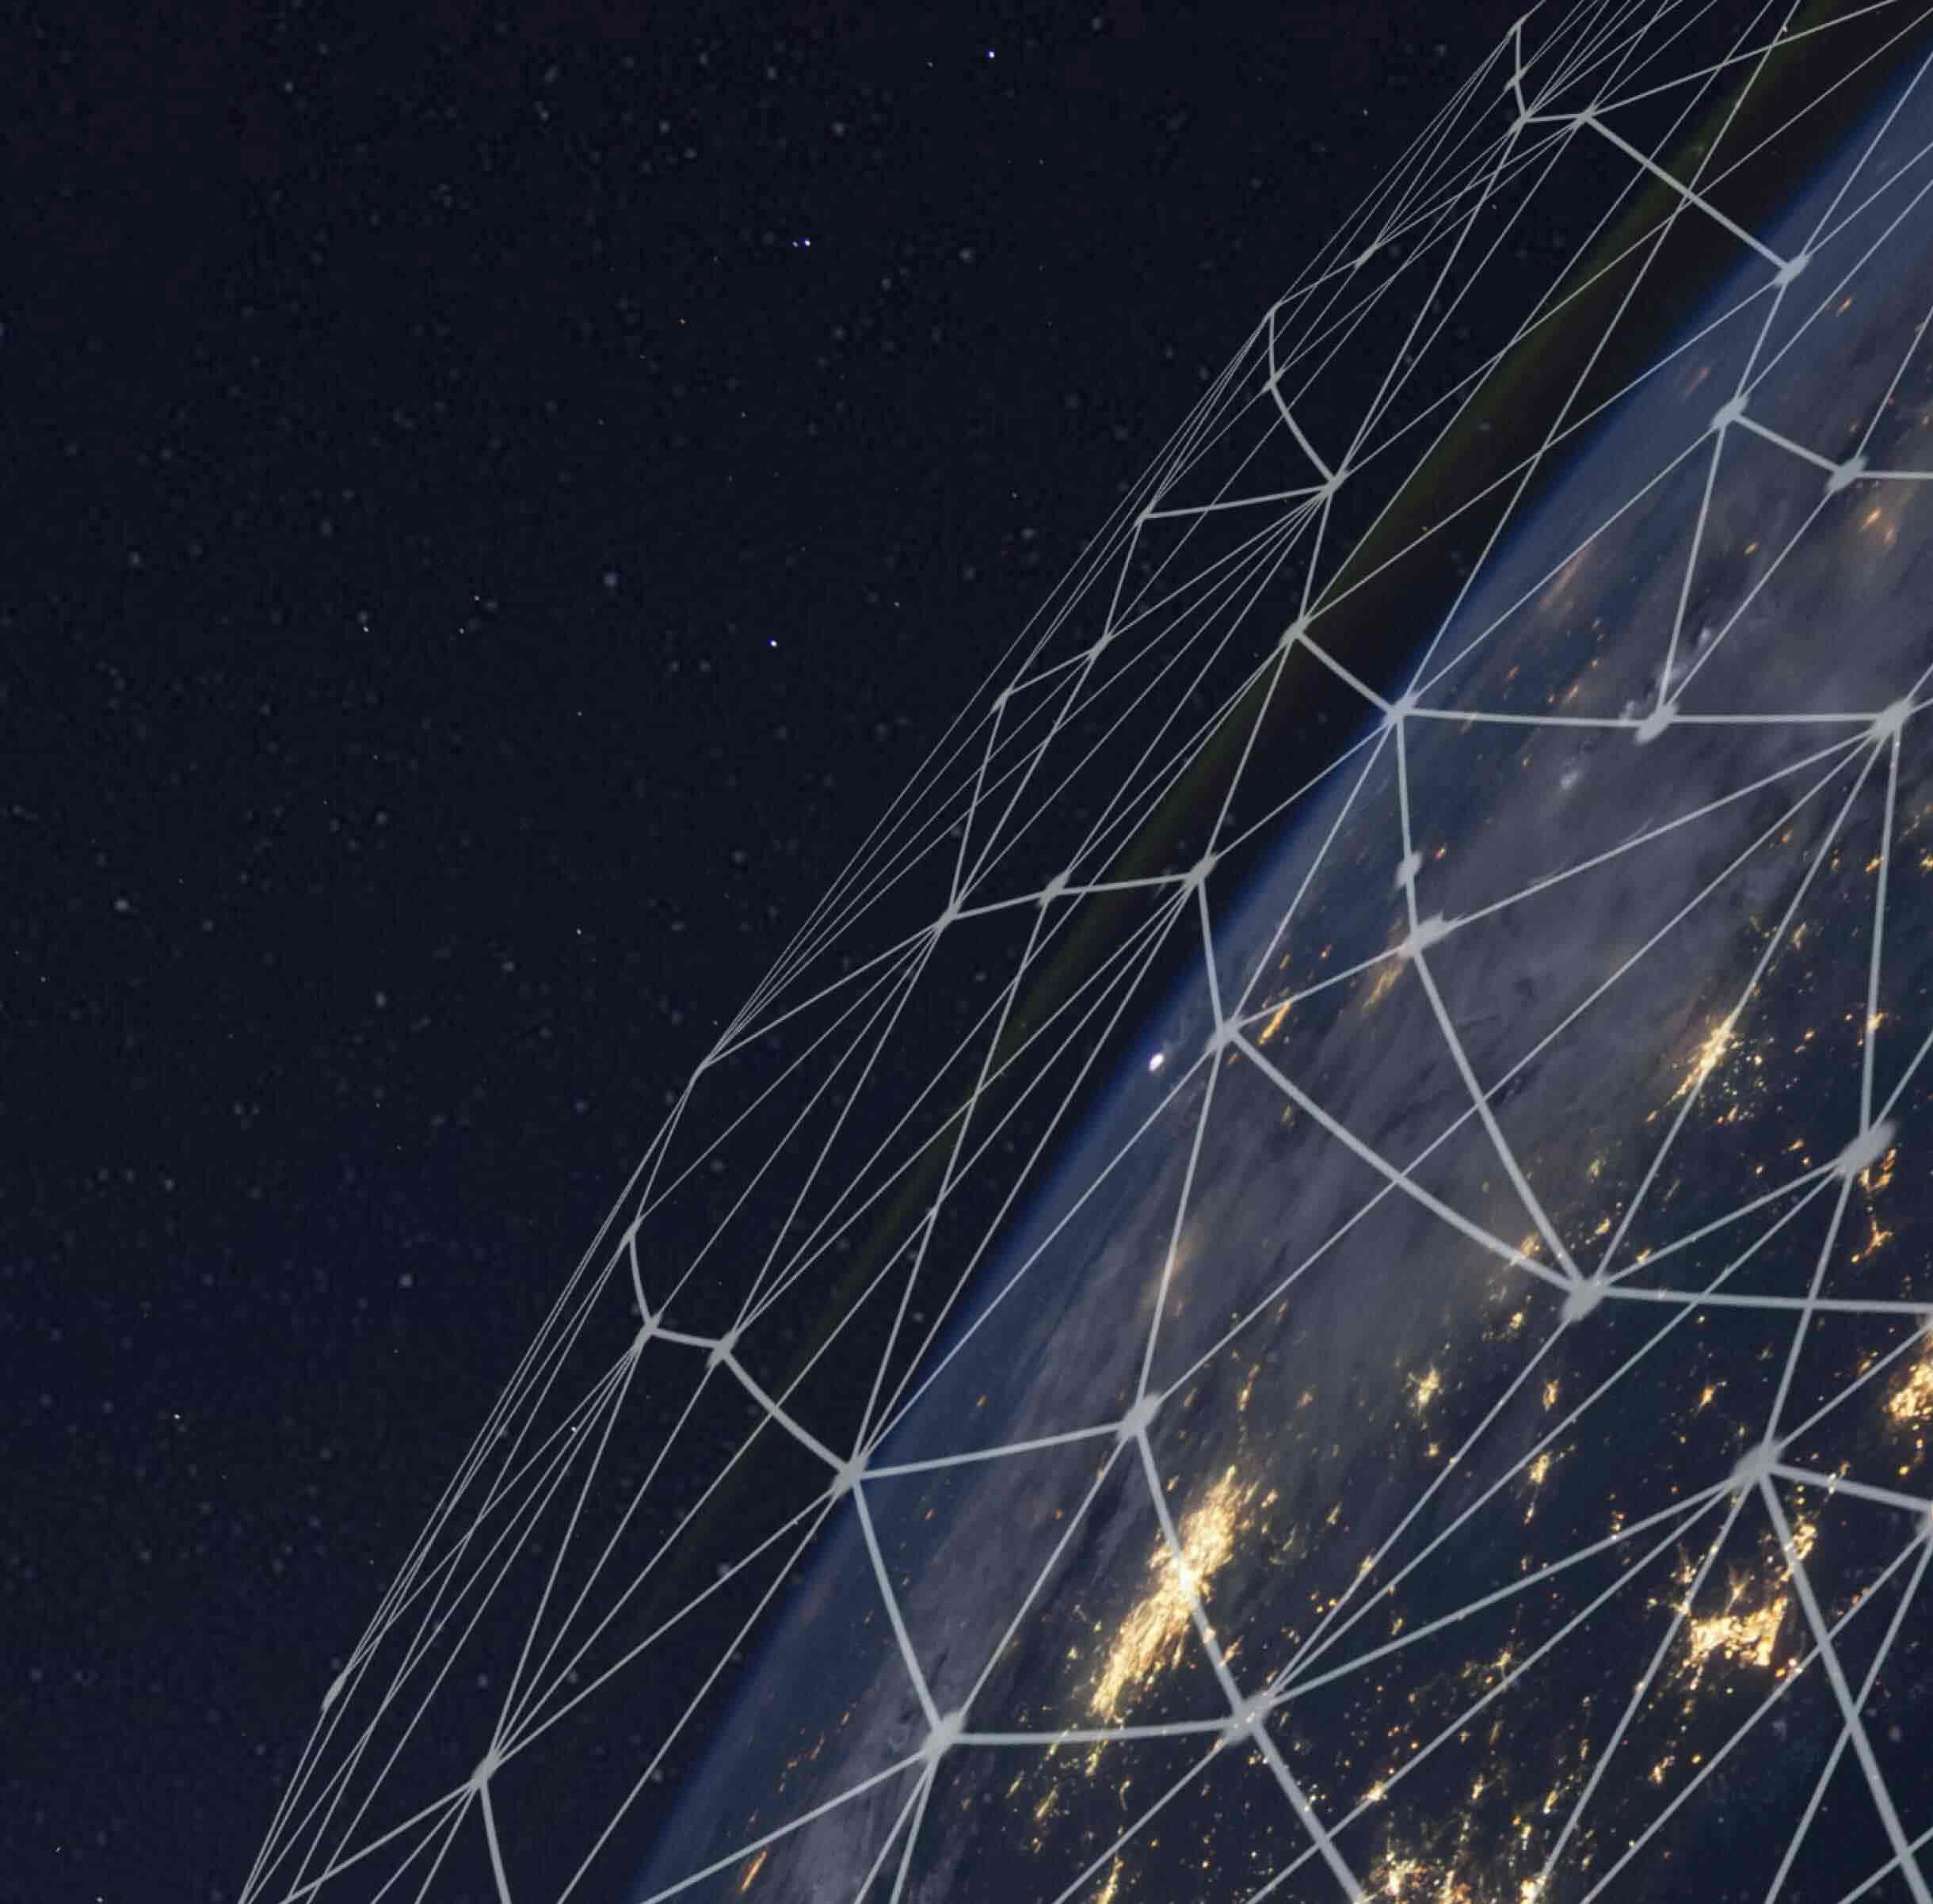 Viele Linien, die den Globus überziehen, stehen für das riesige Volumen an Transaktionen, die über das PayPal-Netzwerk abgewickelt werden